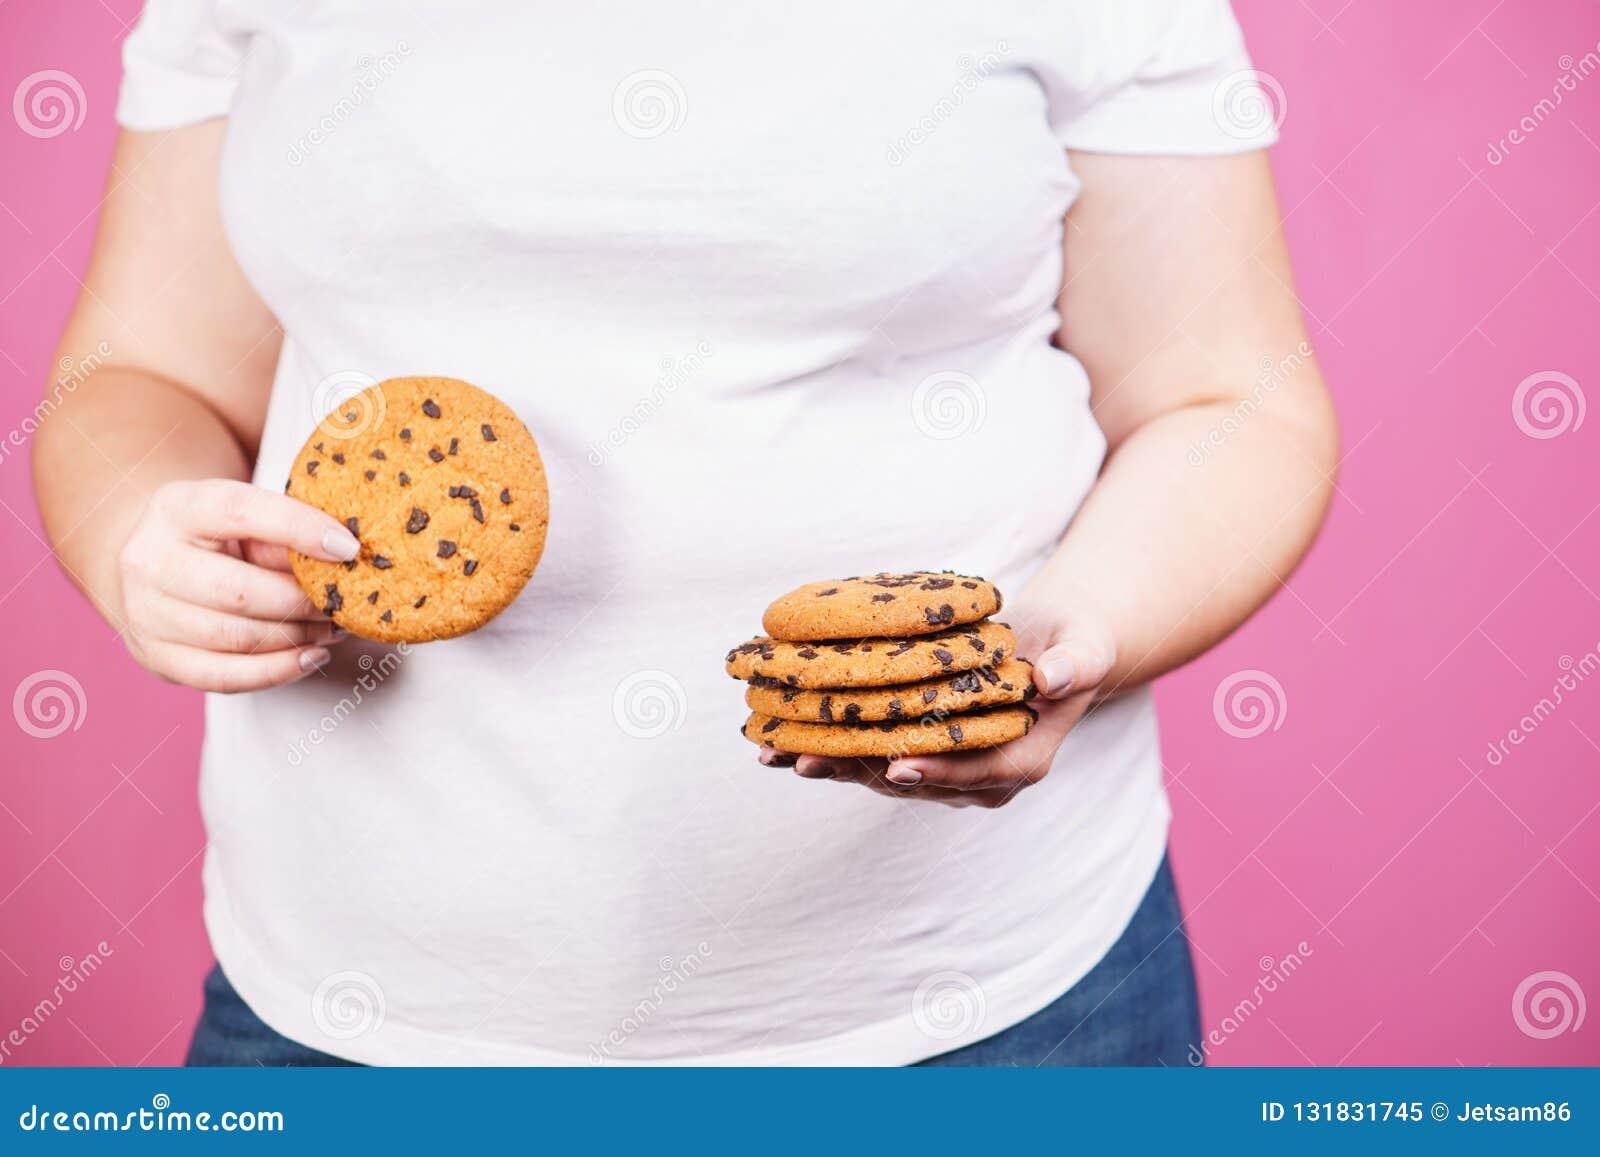 Perdita di peso, sovrappeso, dieta, cibo non sano